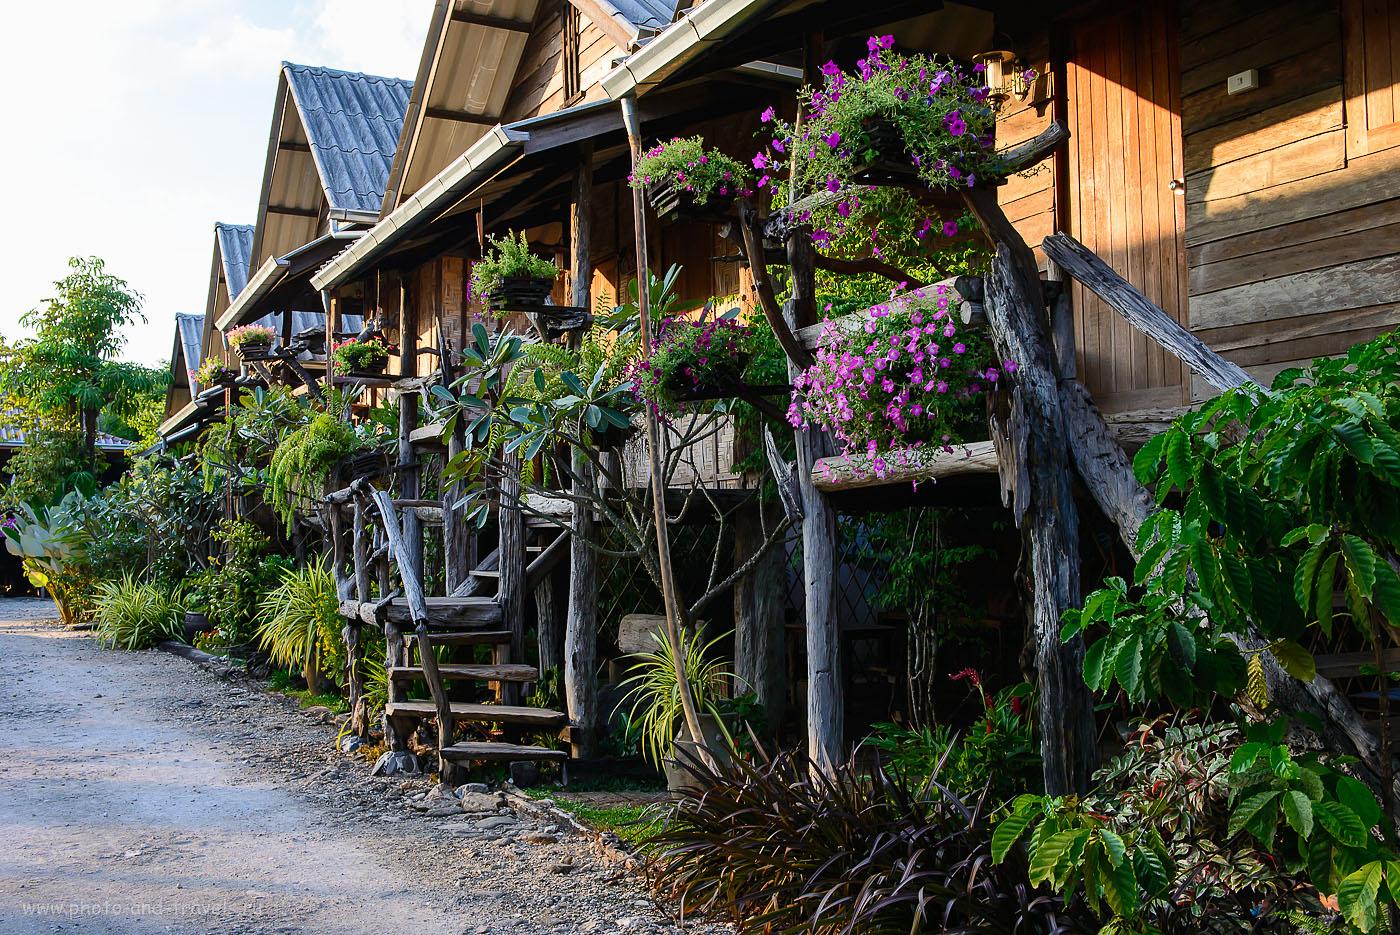 Фото 13. Где поселиться в Ранонге? В гостинице Monpai Resort в городе Ранонг. Отчет об отдыхе в Таиланде самостоятельно (1000, 34, 9.0, 1/100)